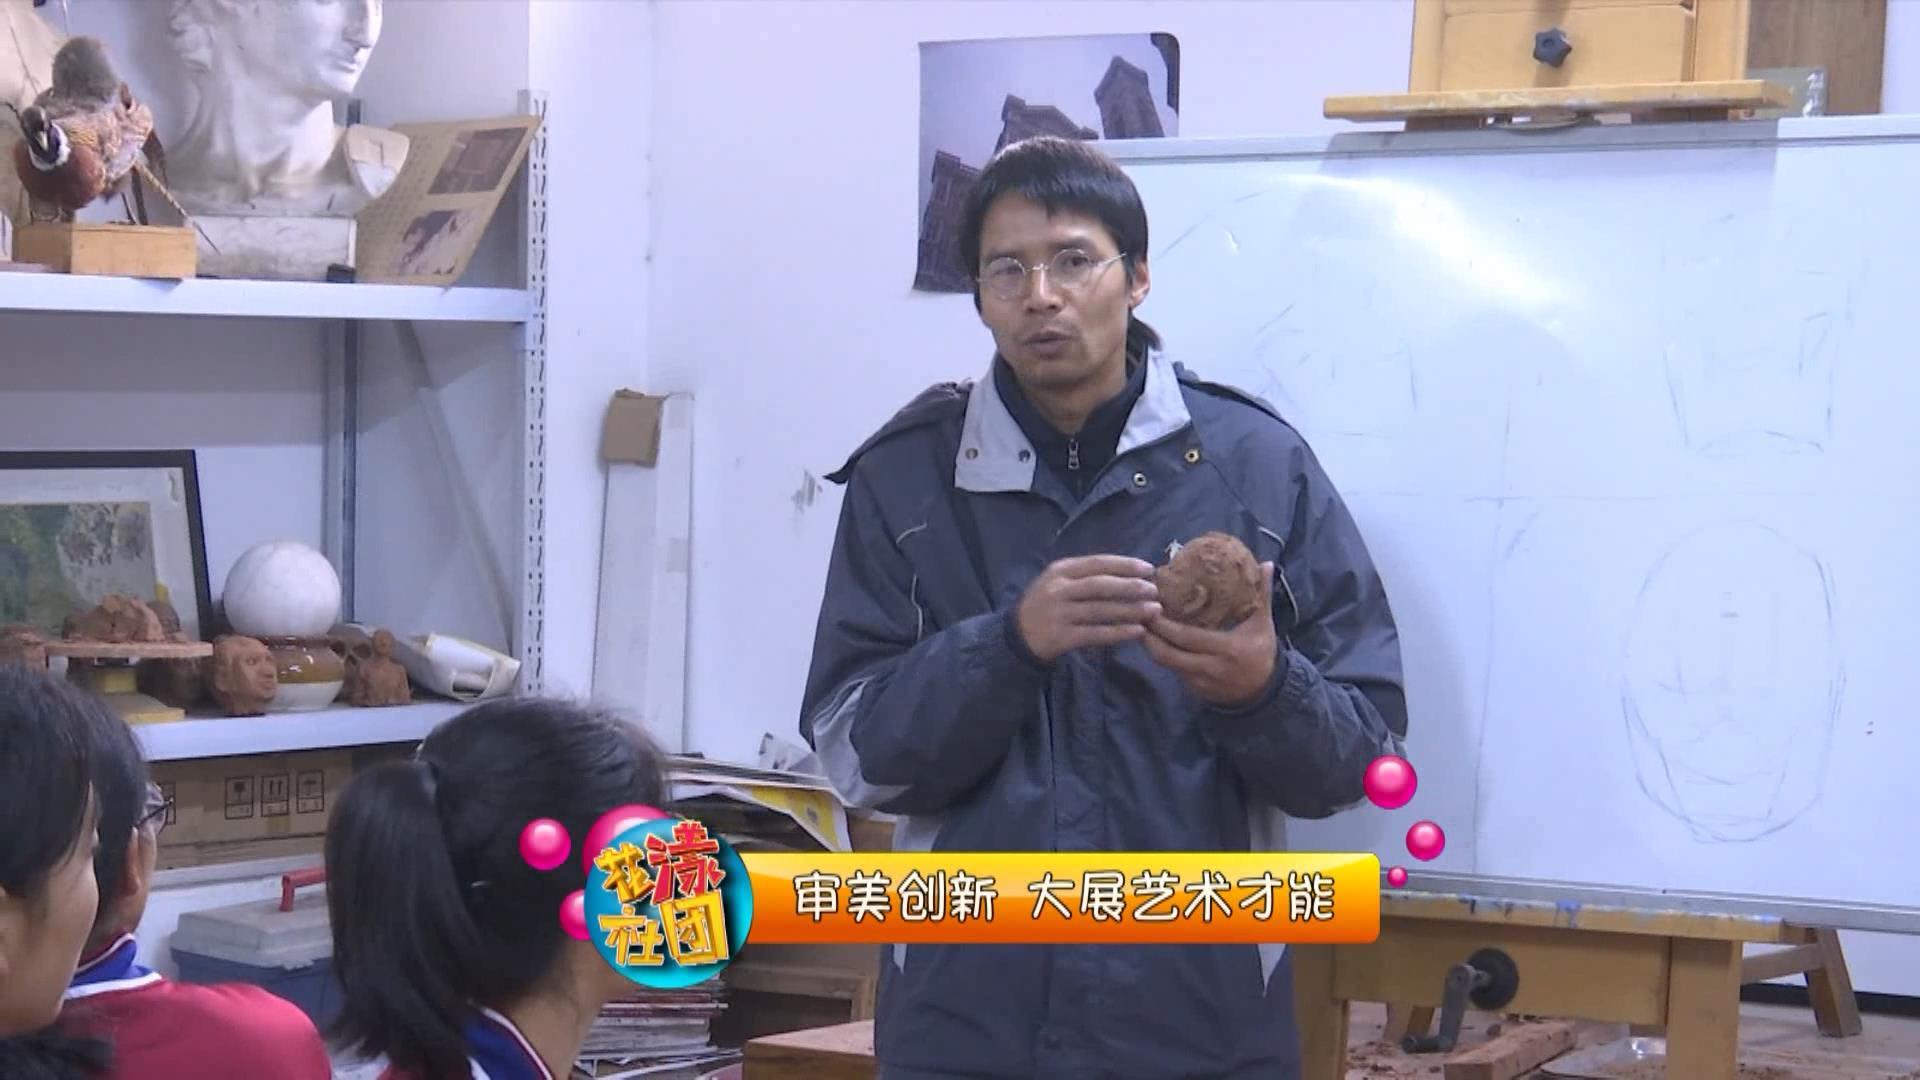 花漾社团--郑州18中 审美创新 大展艺术才能